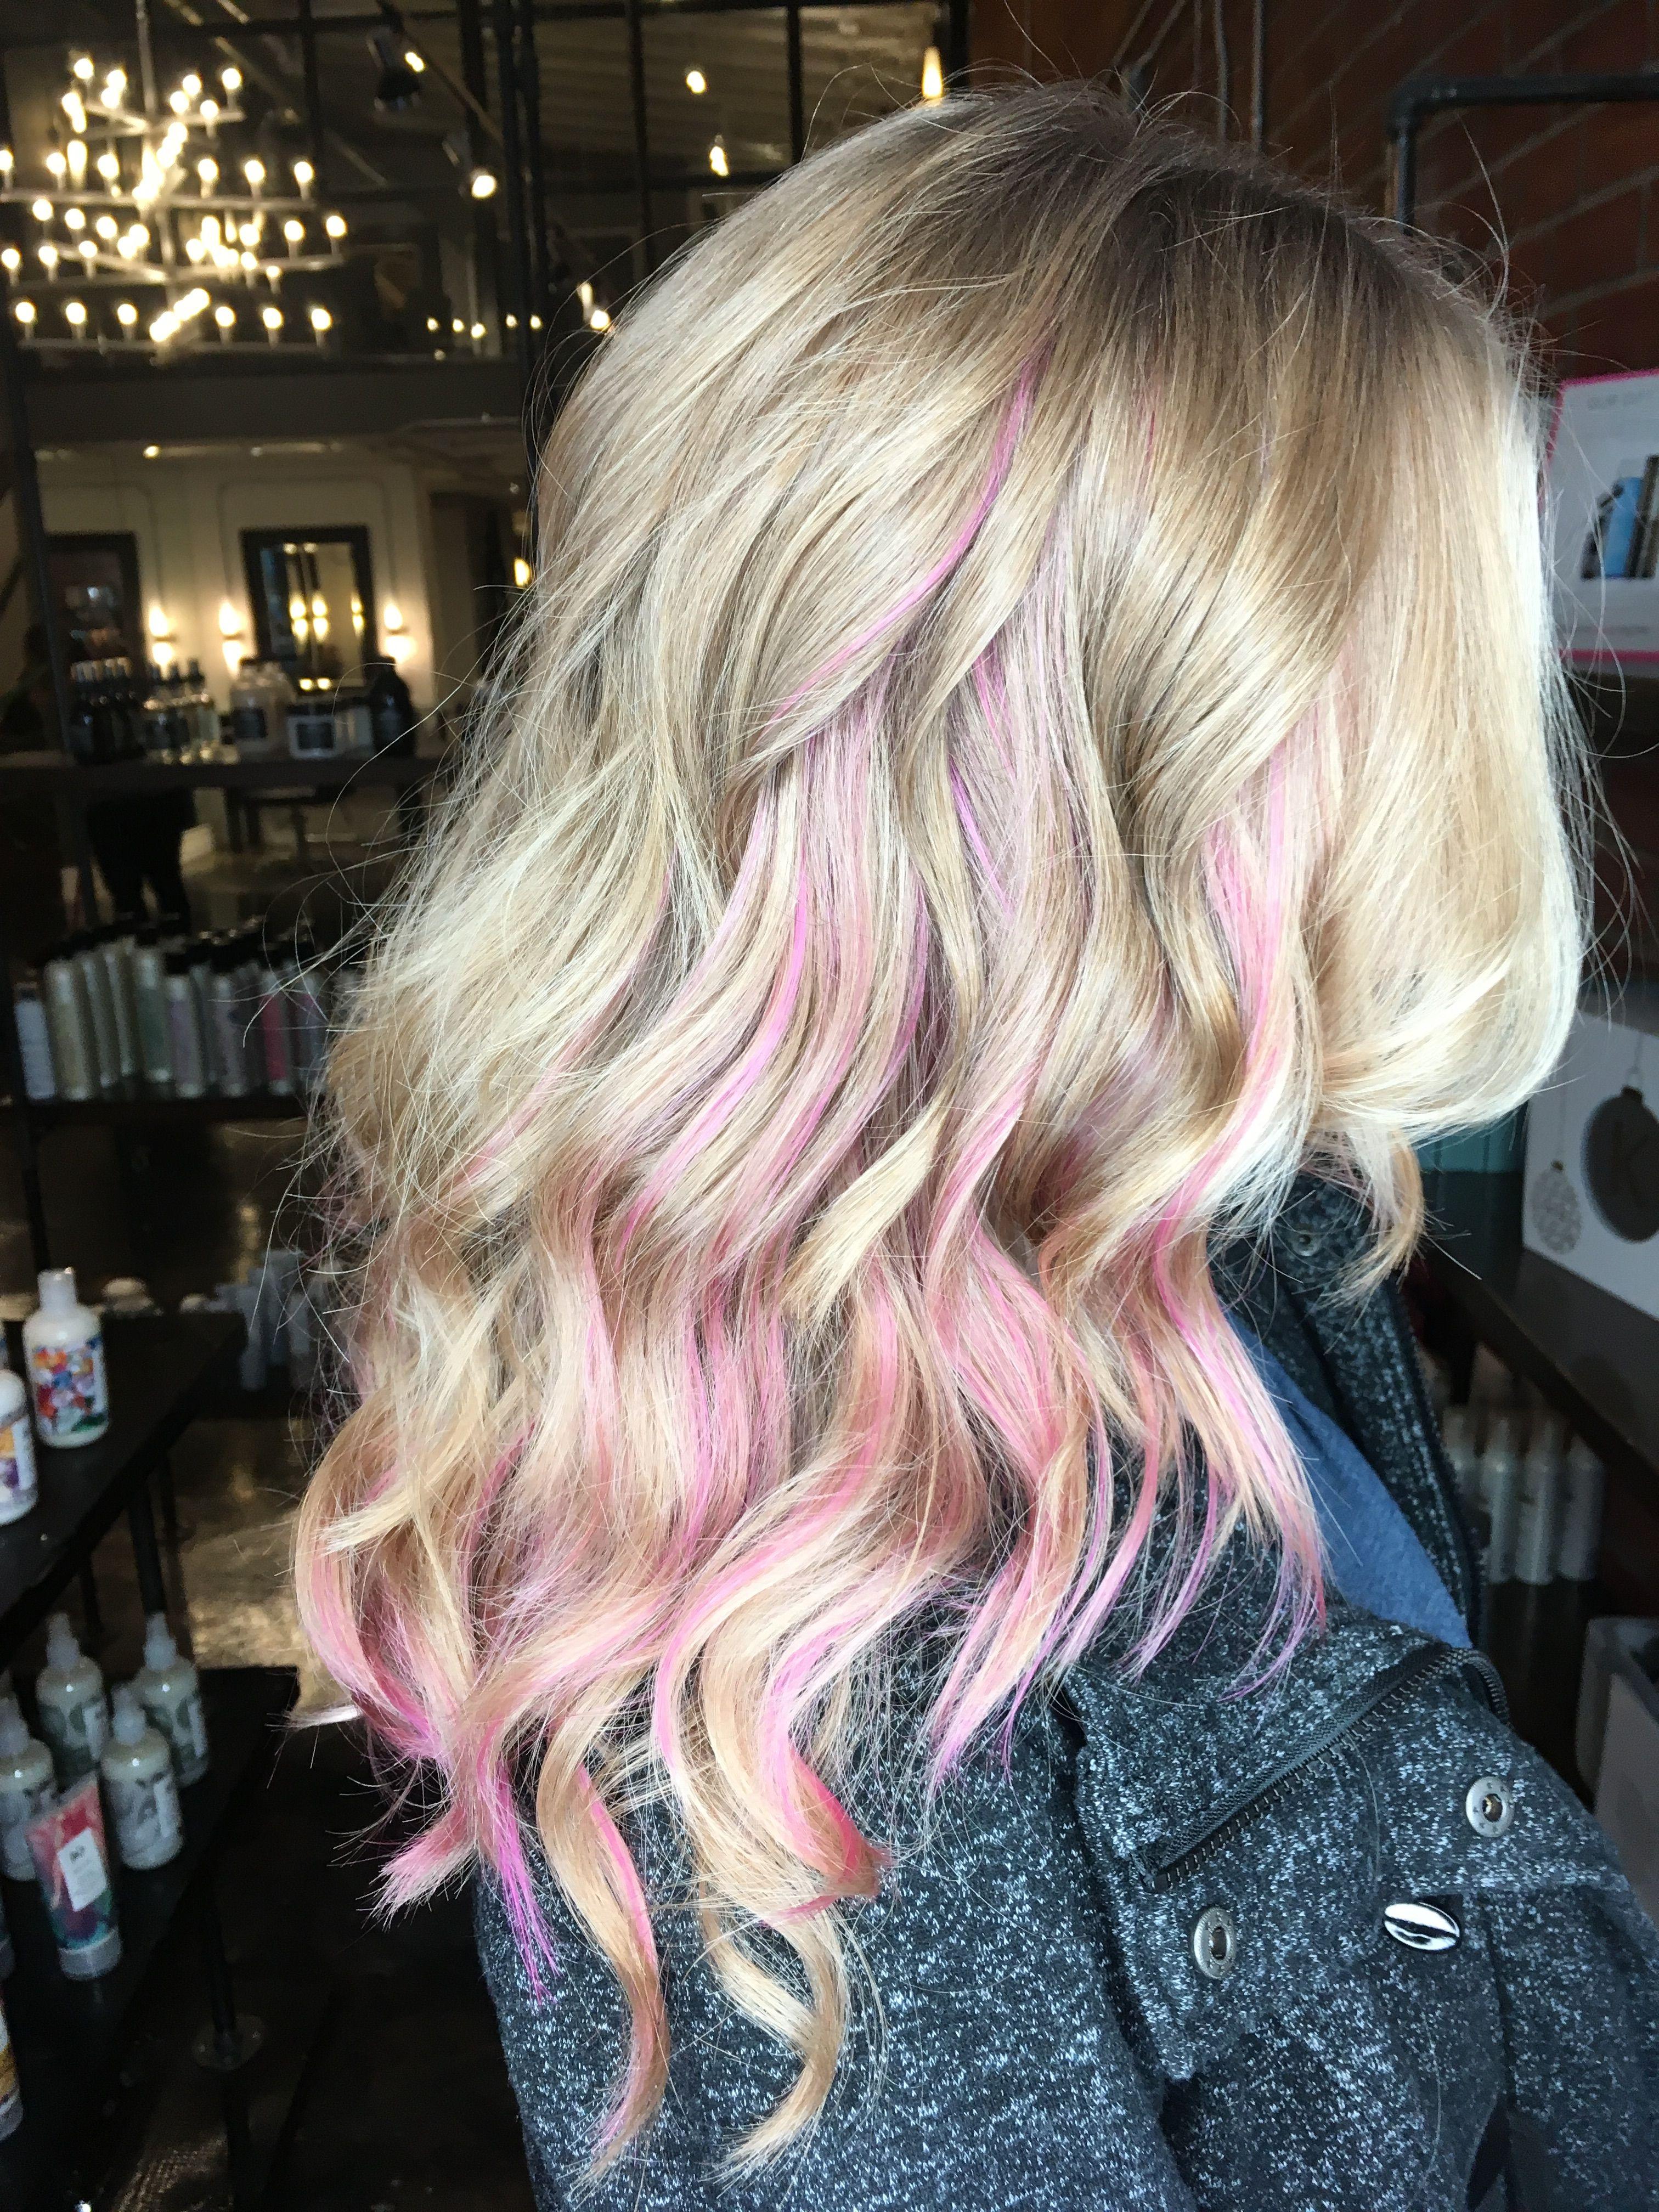 Pink Peekaboo Highlights In My Natural Blonde Hair Pink Blonde Hair Blonde Hair With Highlights Peekaboo Hair